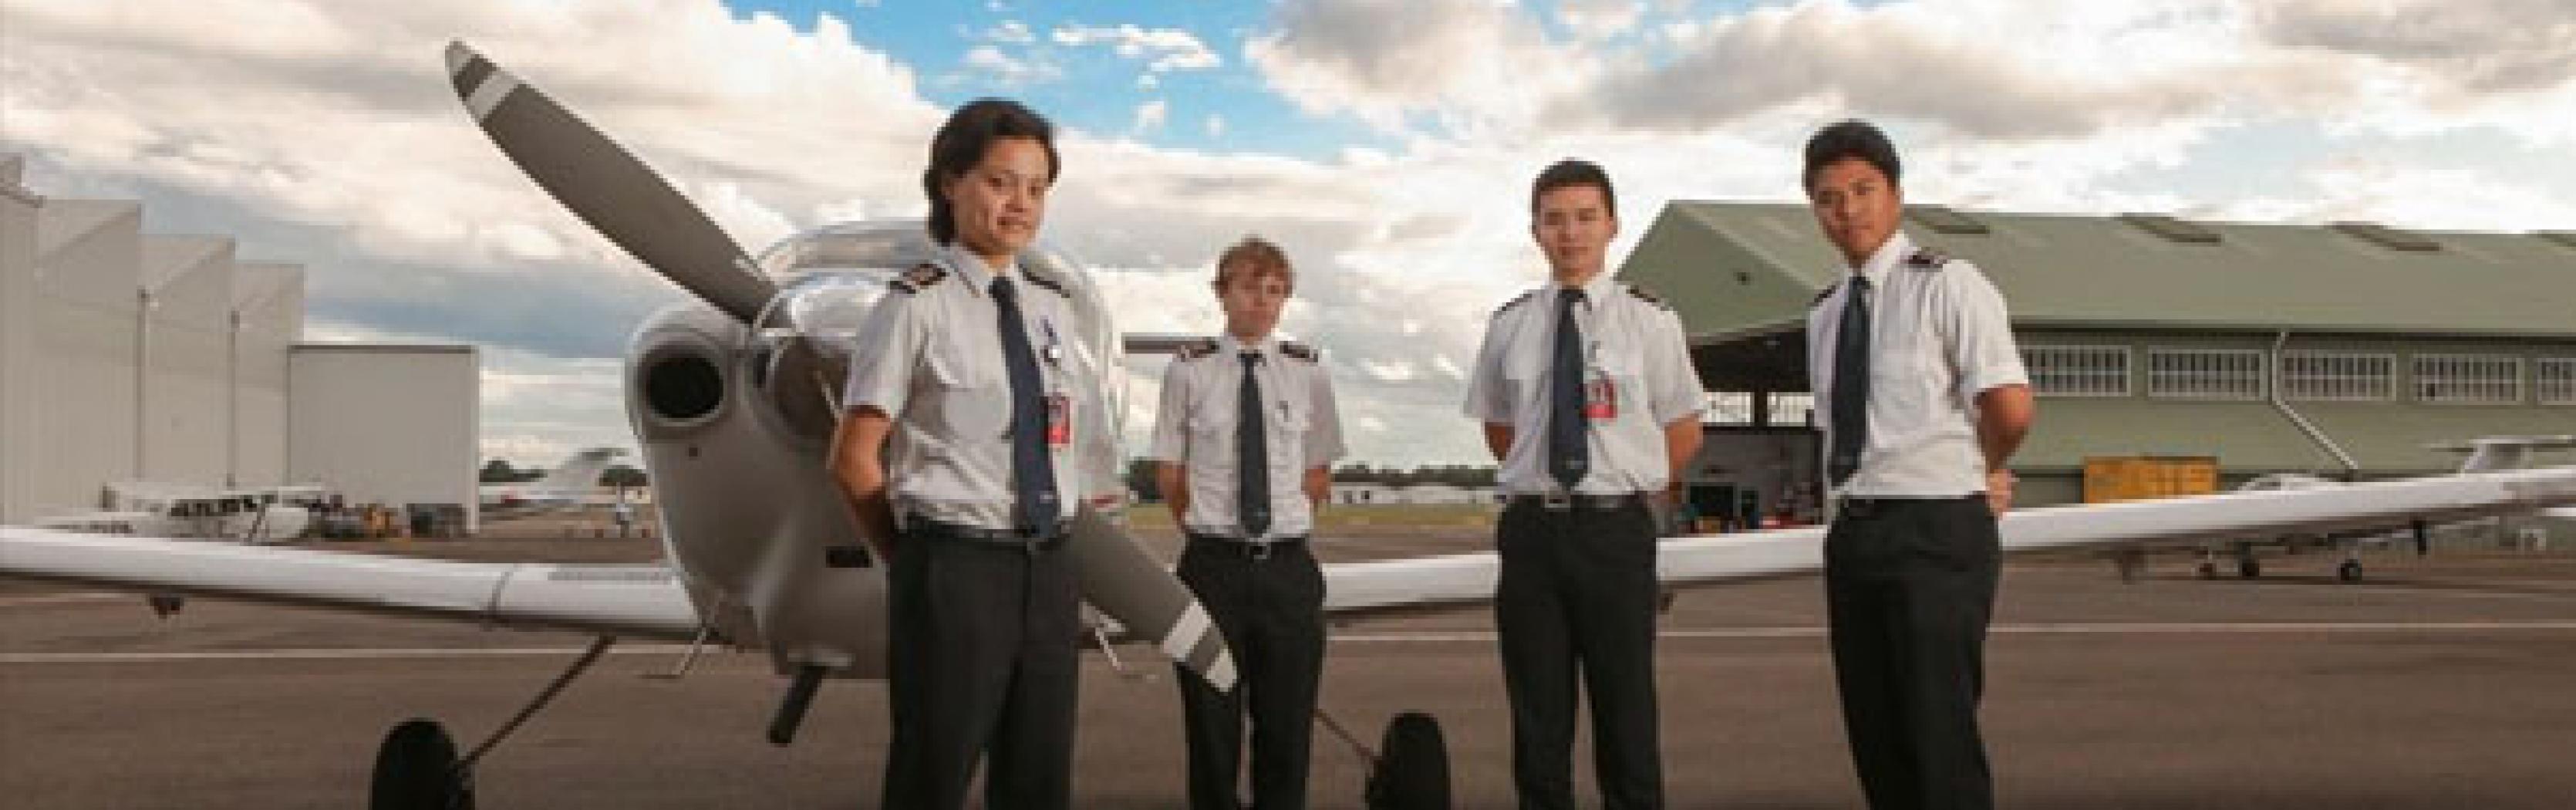 Aviation | School of Aviation